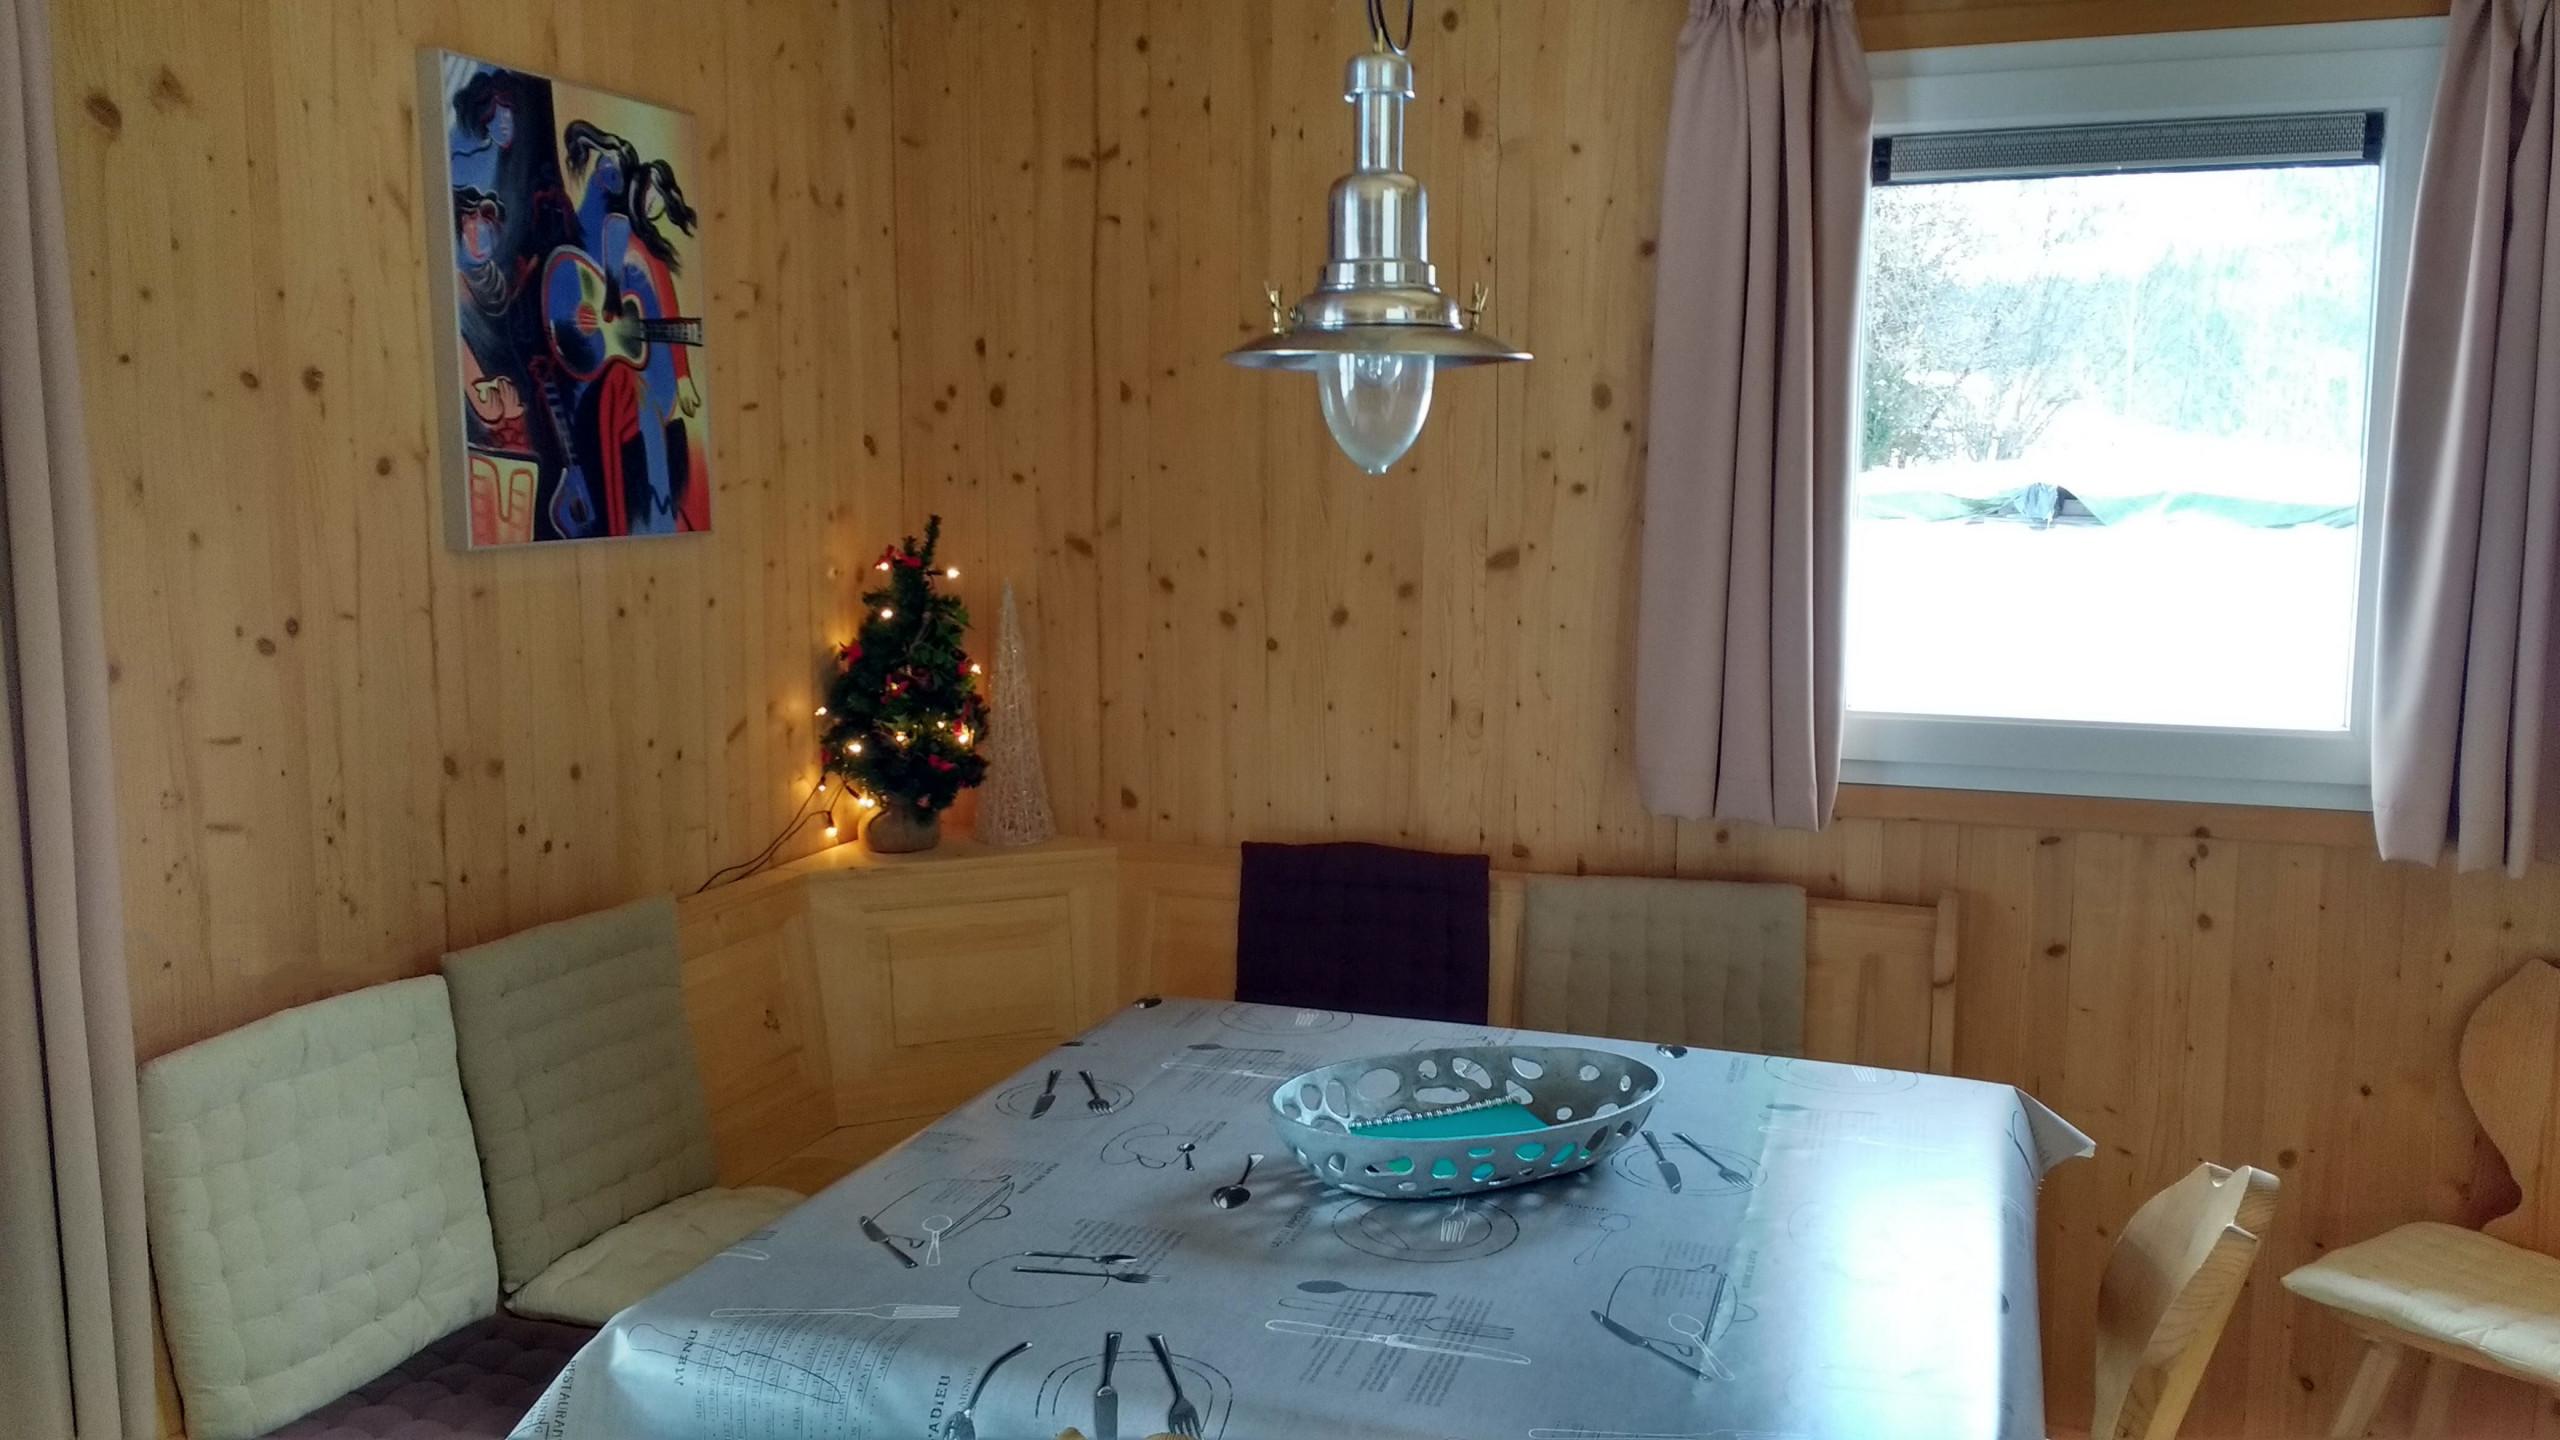 chalets stadl an der mur chalet fernweh 126. Black Bedroom Furniture Sets. Home Design Ideas